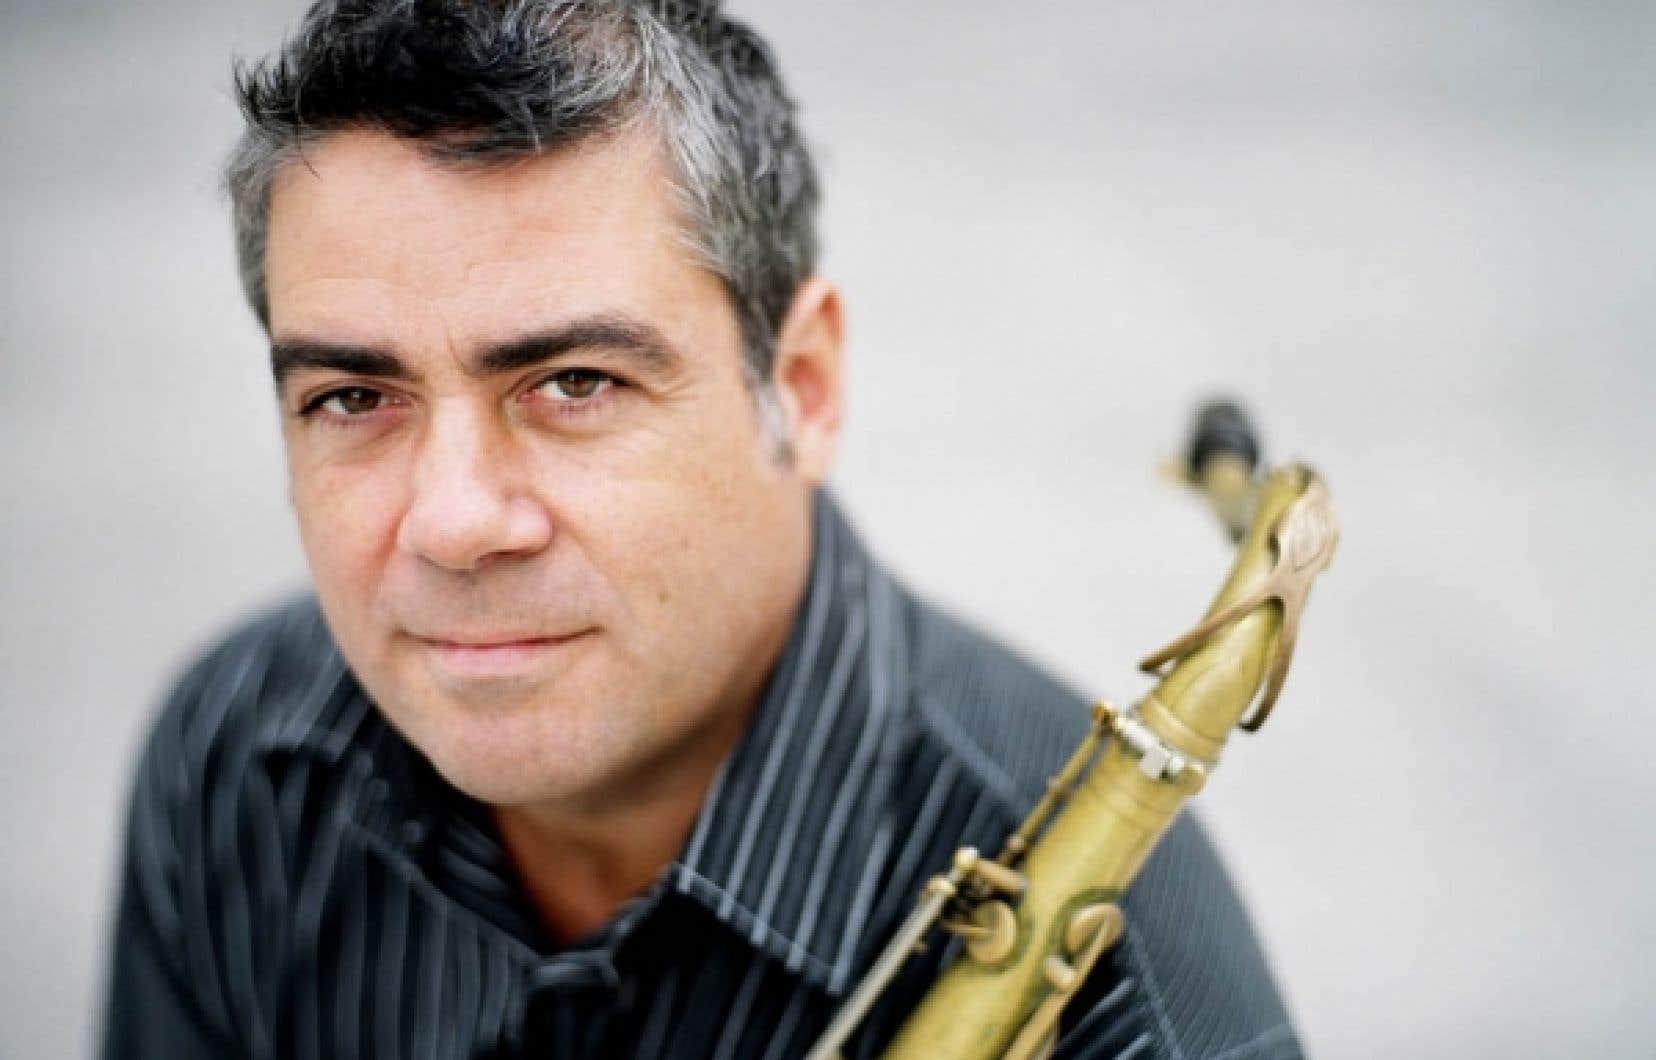 Le saxophoniste André Leroux a un son qui se singularise par sa puissance et sa densité. Il a un style qui se caractérise par sa vélocité et l'abondance des idées.<br />